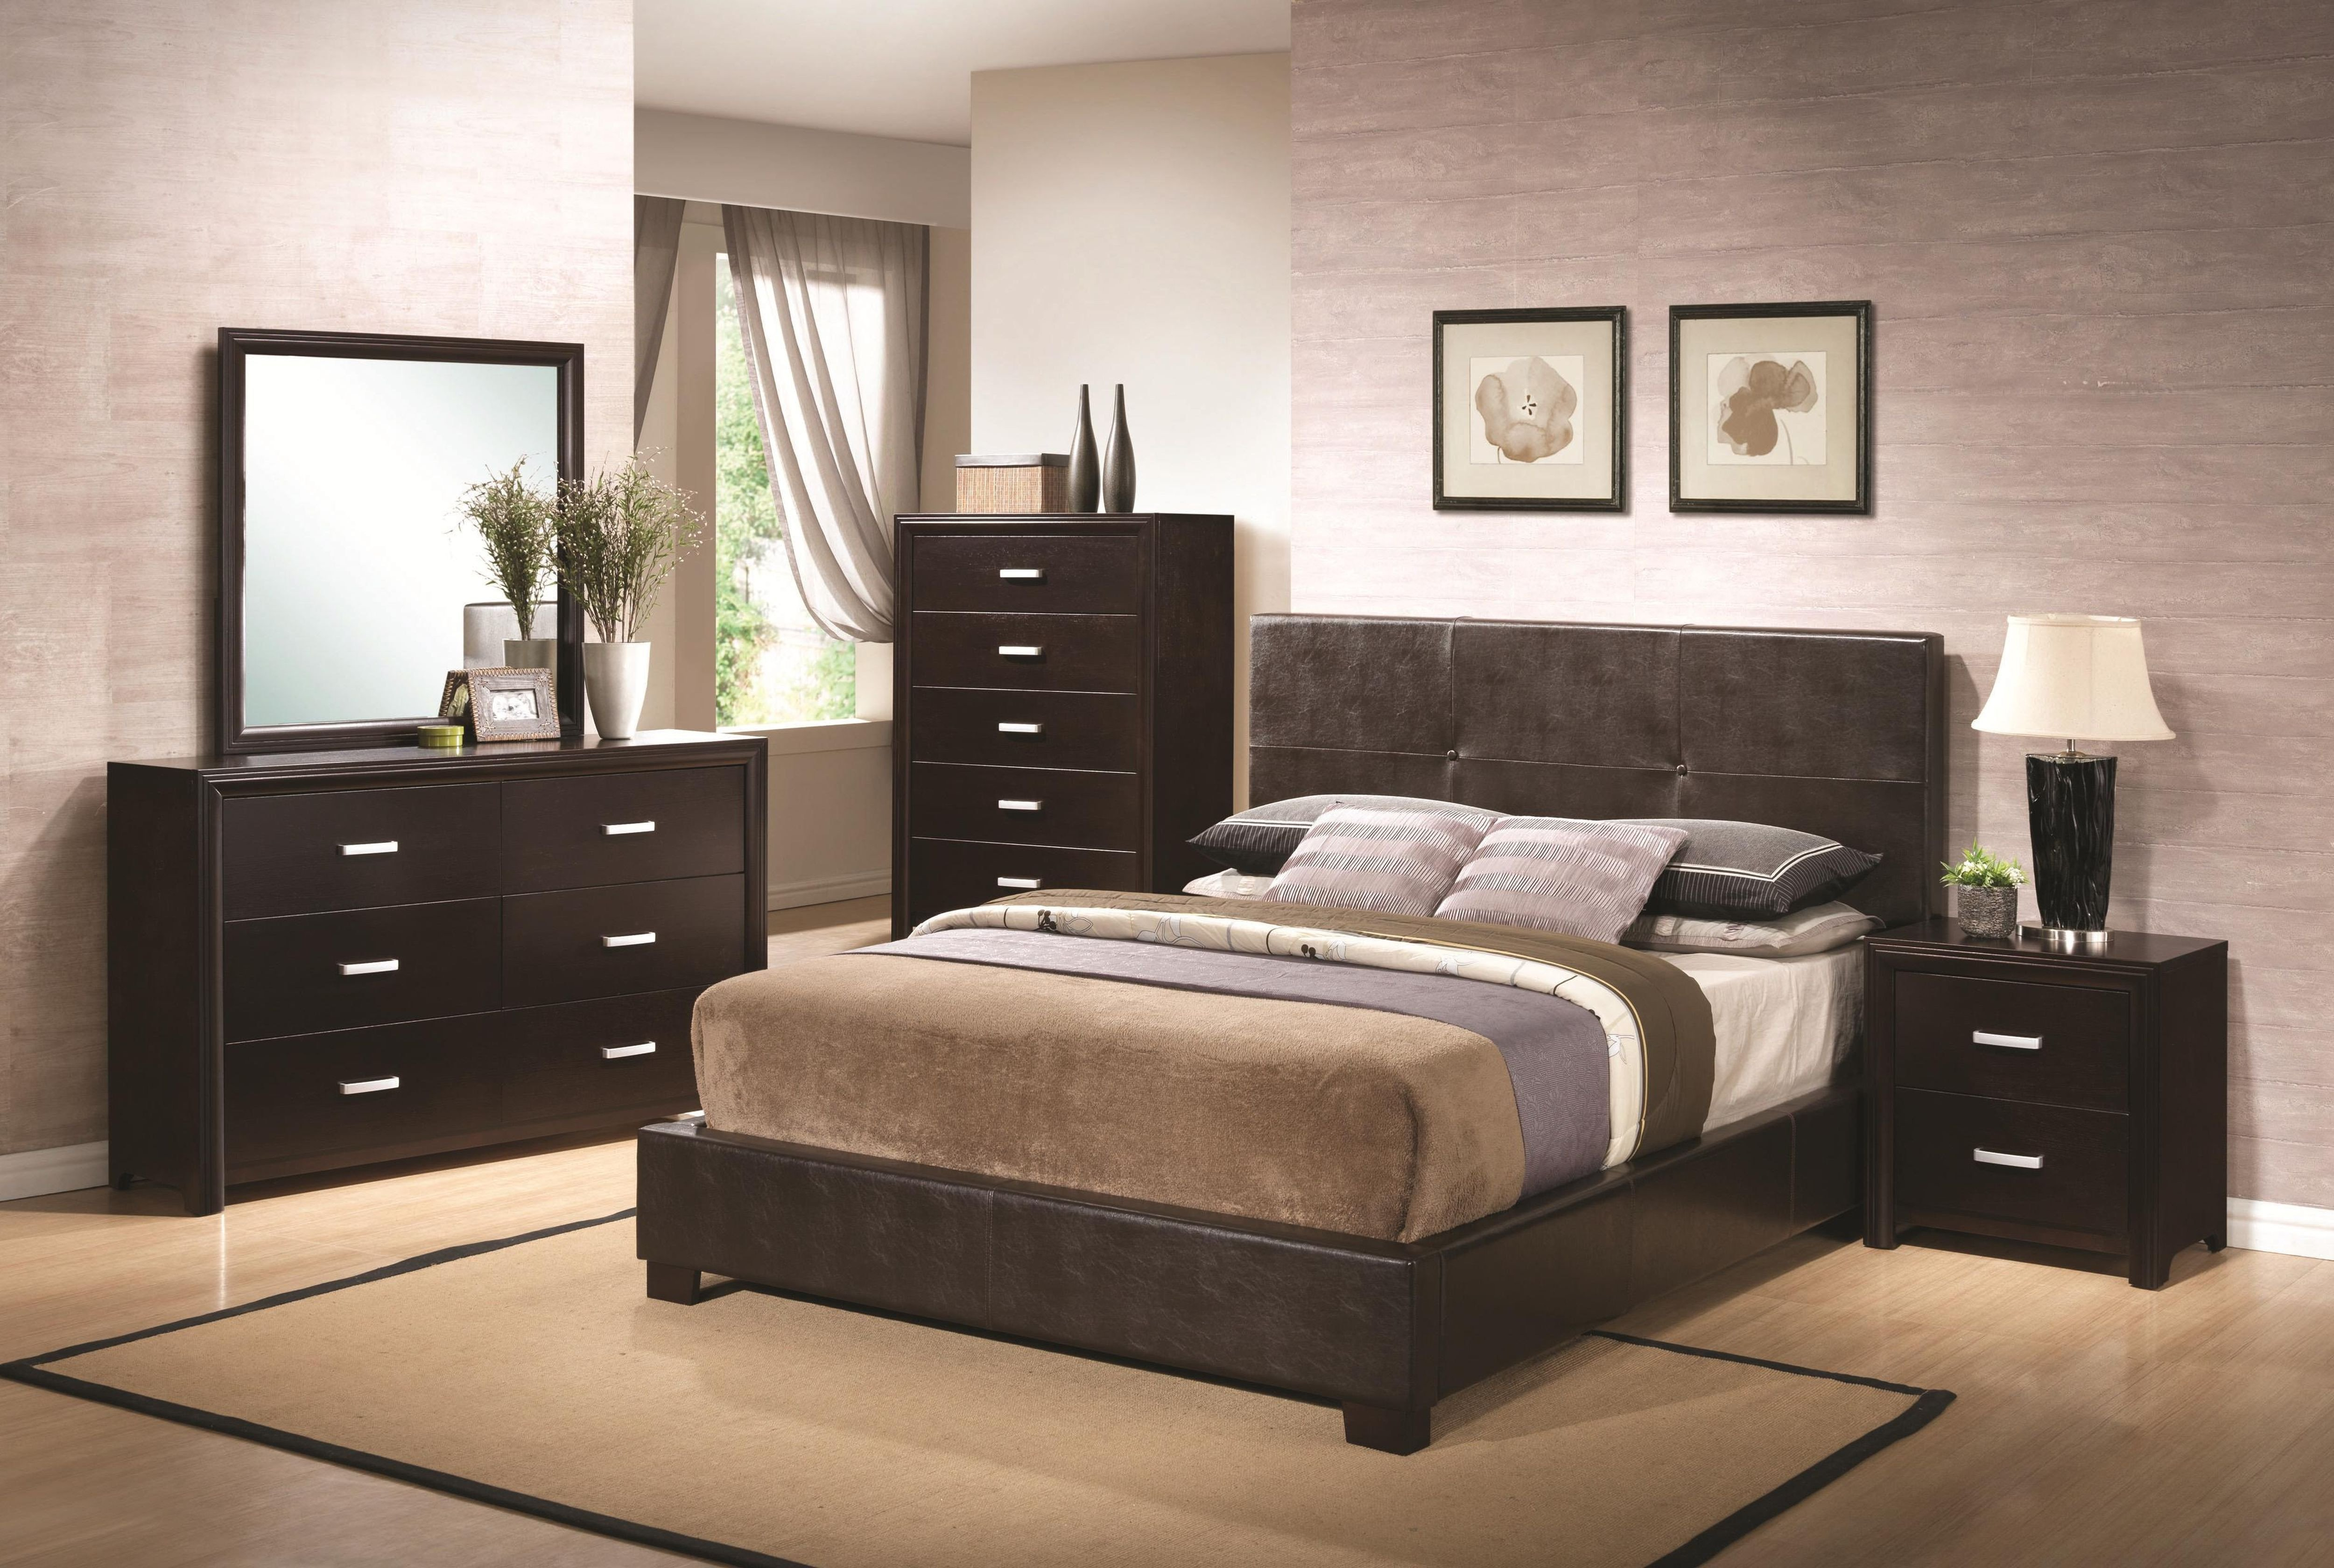 Used Queen Bedroom Set New Rooms to Go Queen Bedroom Set